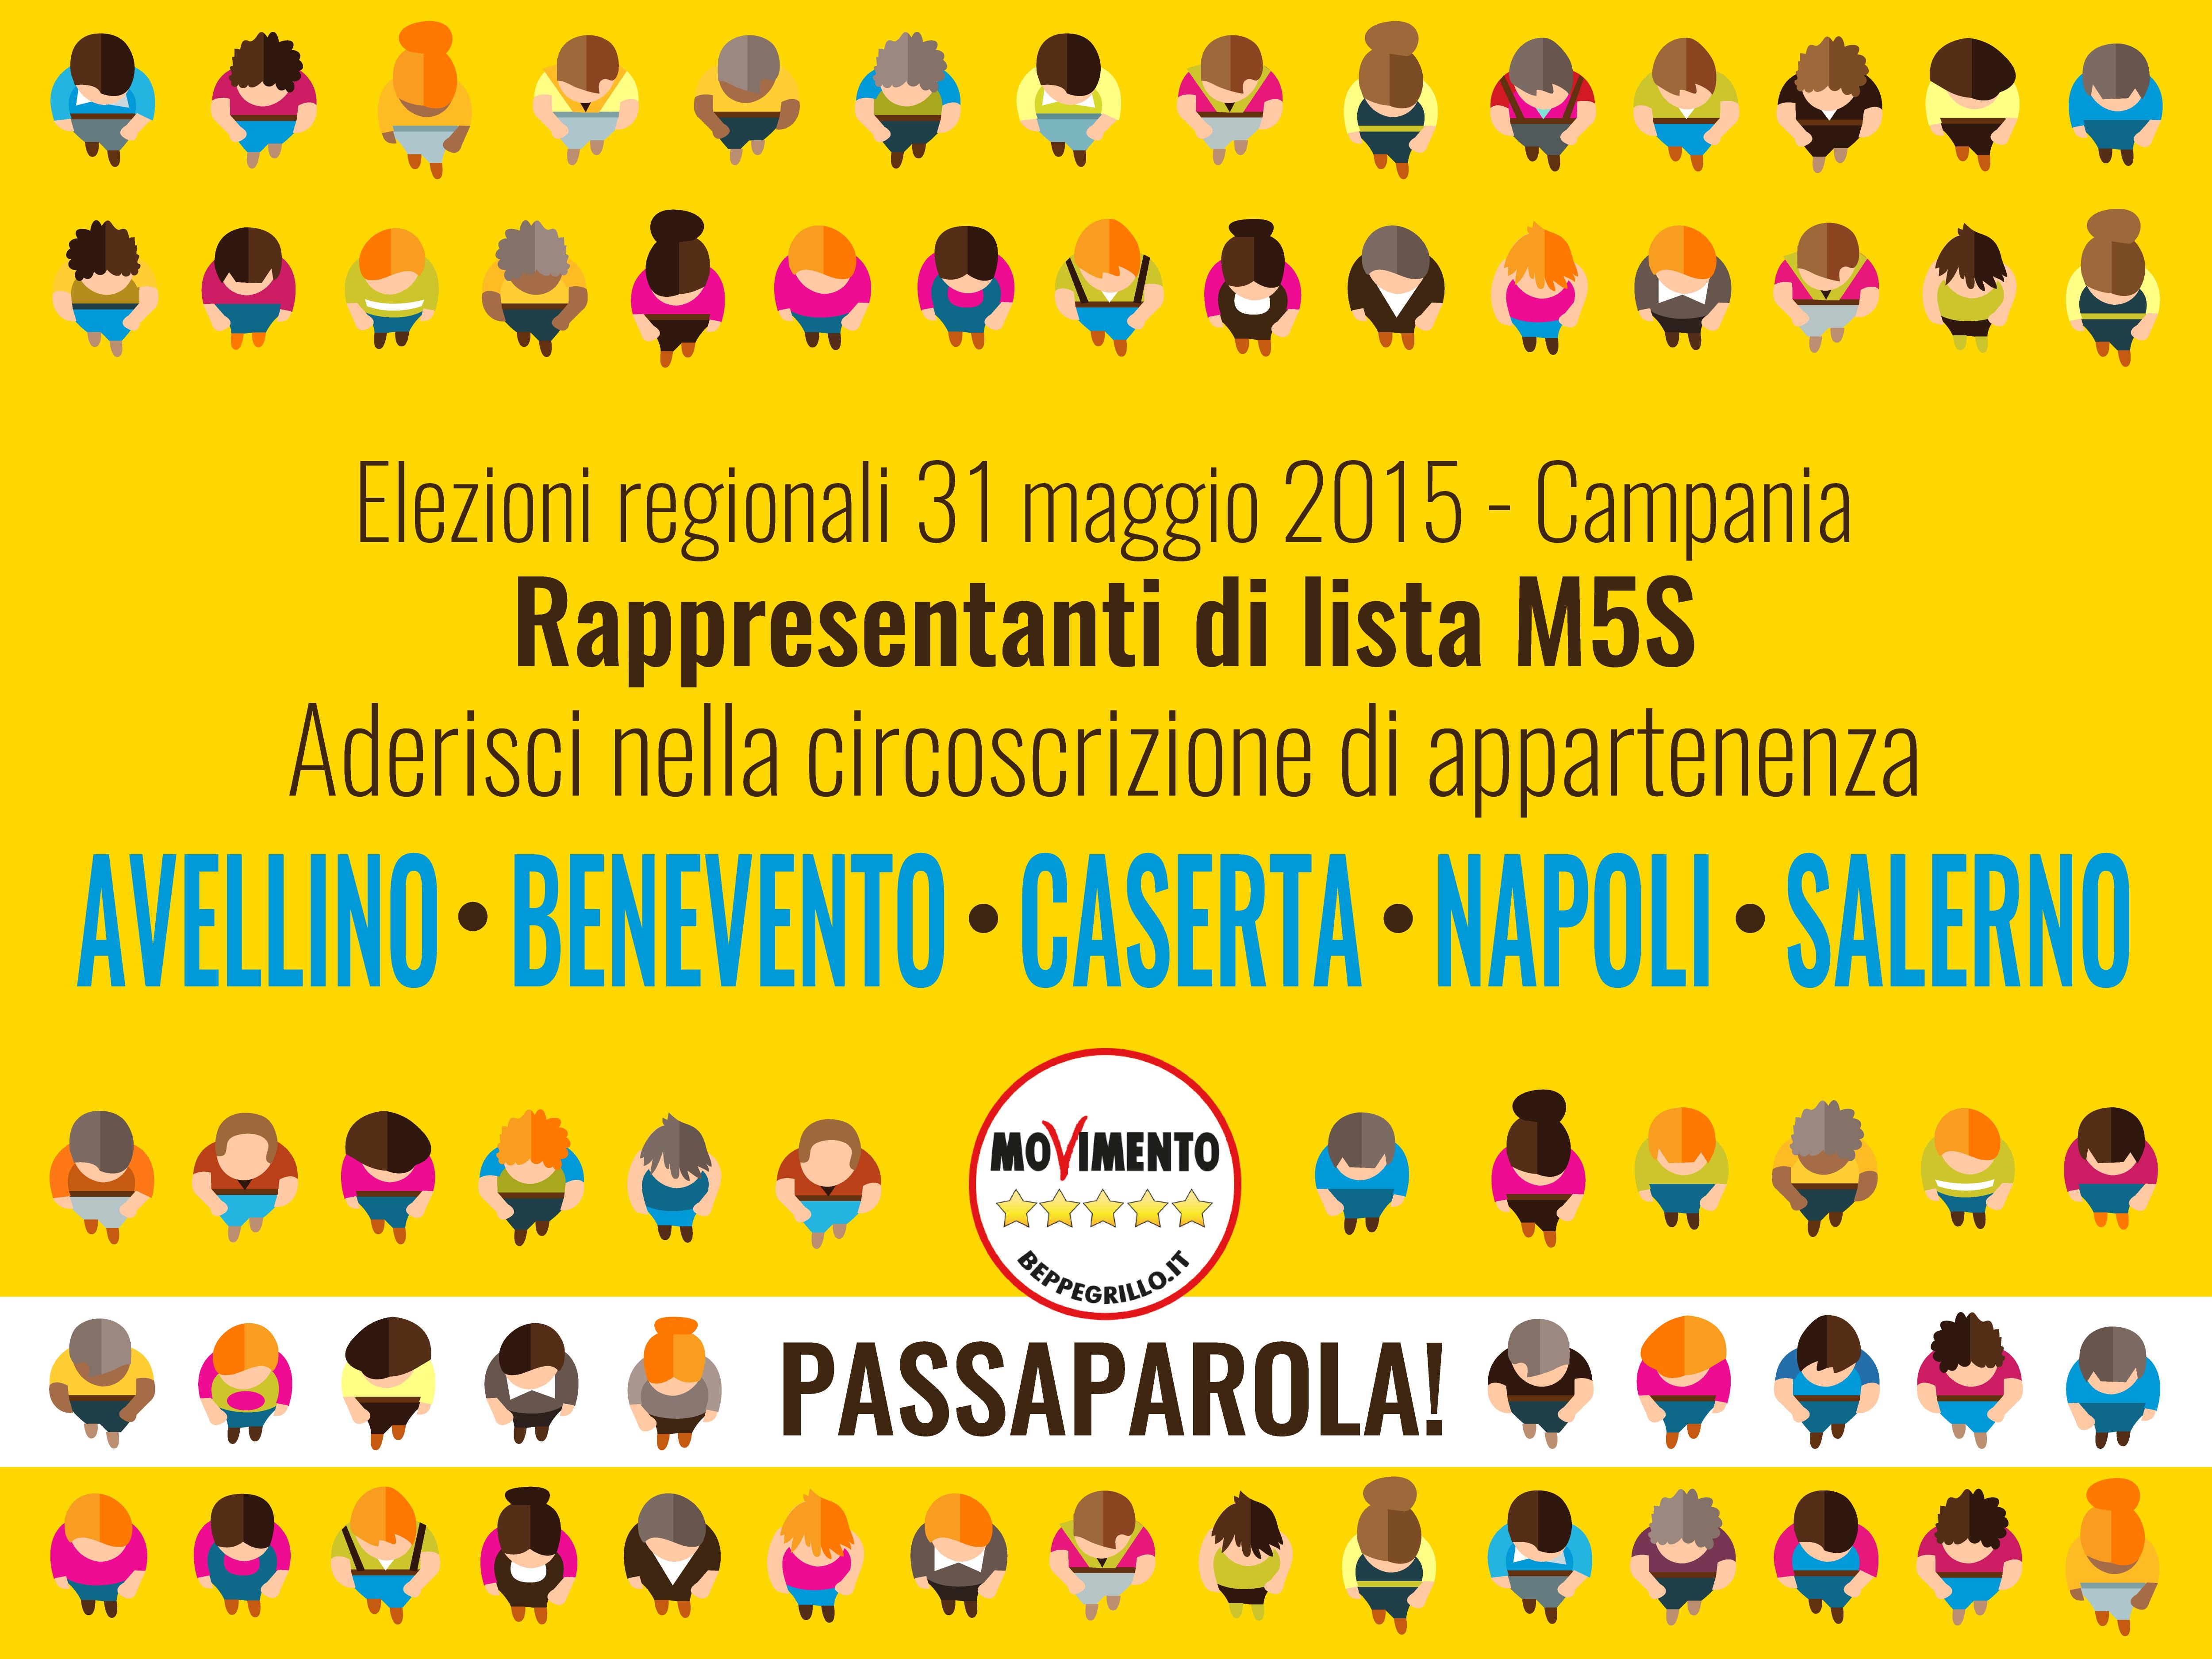 Rappresentanti di lista M5S - Campania 2015